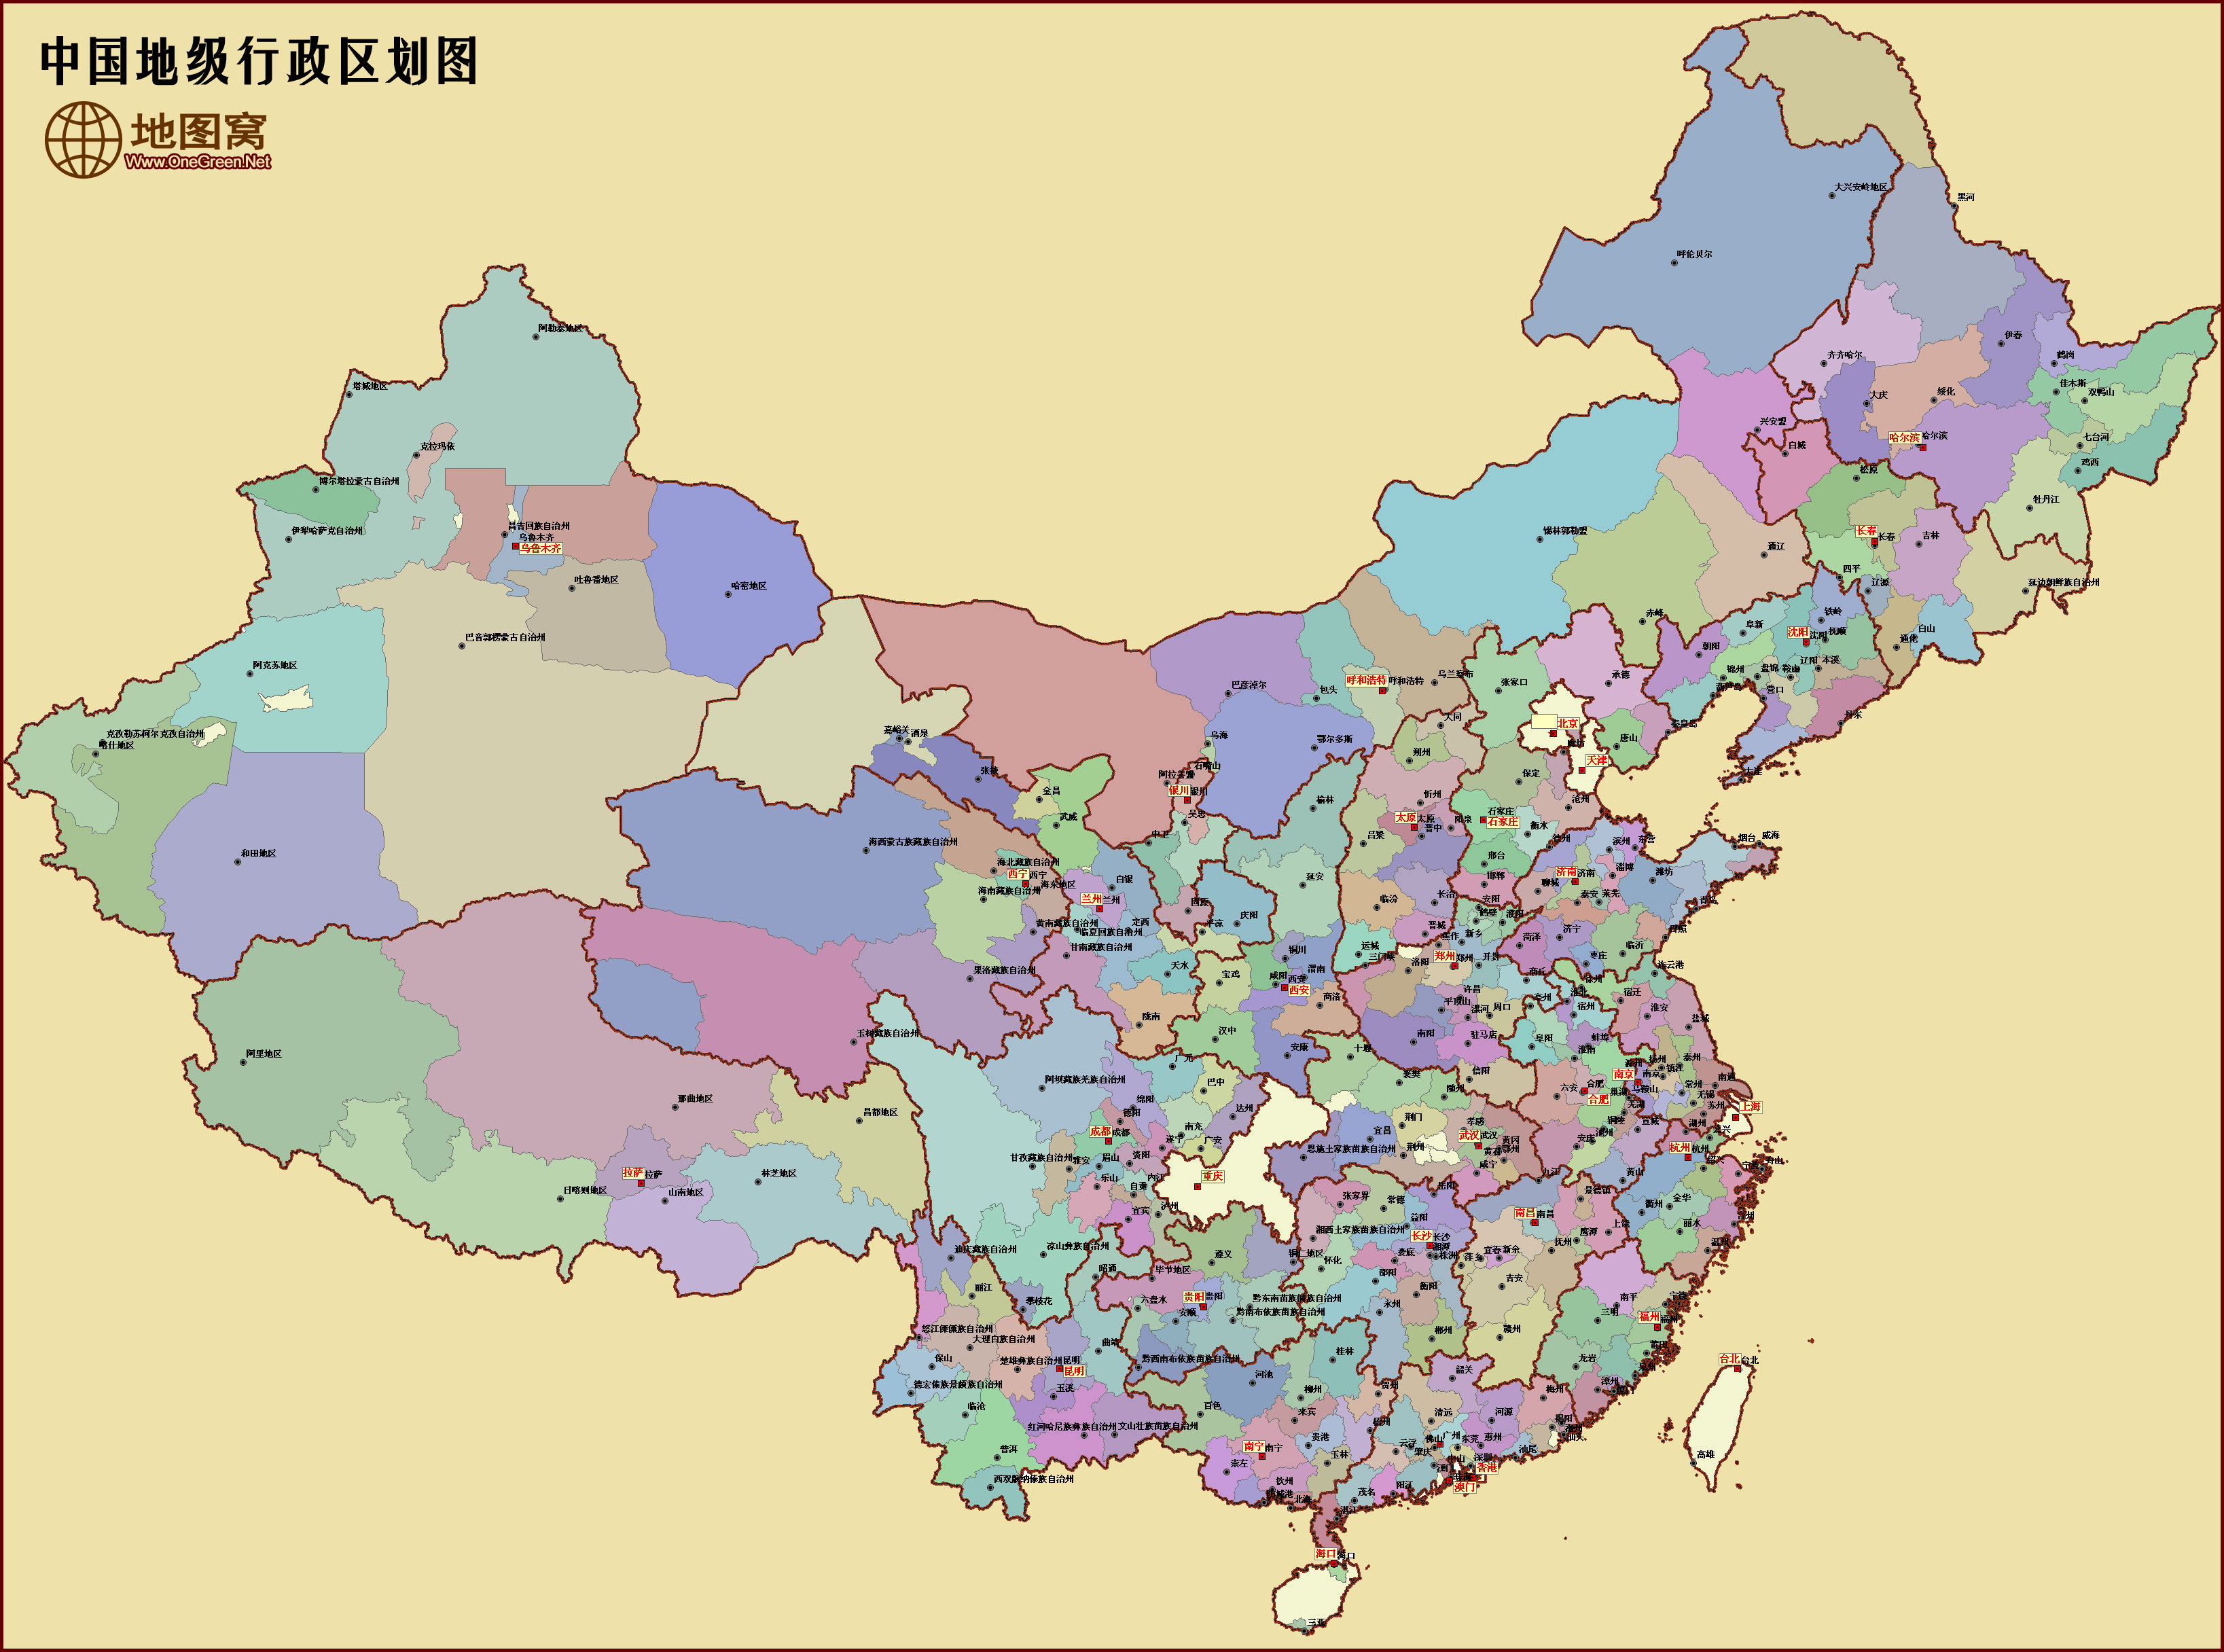 中国行政区划地图怎么样